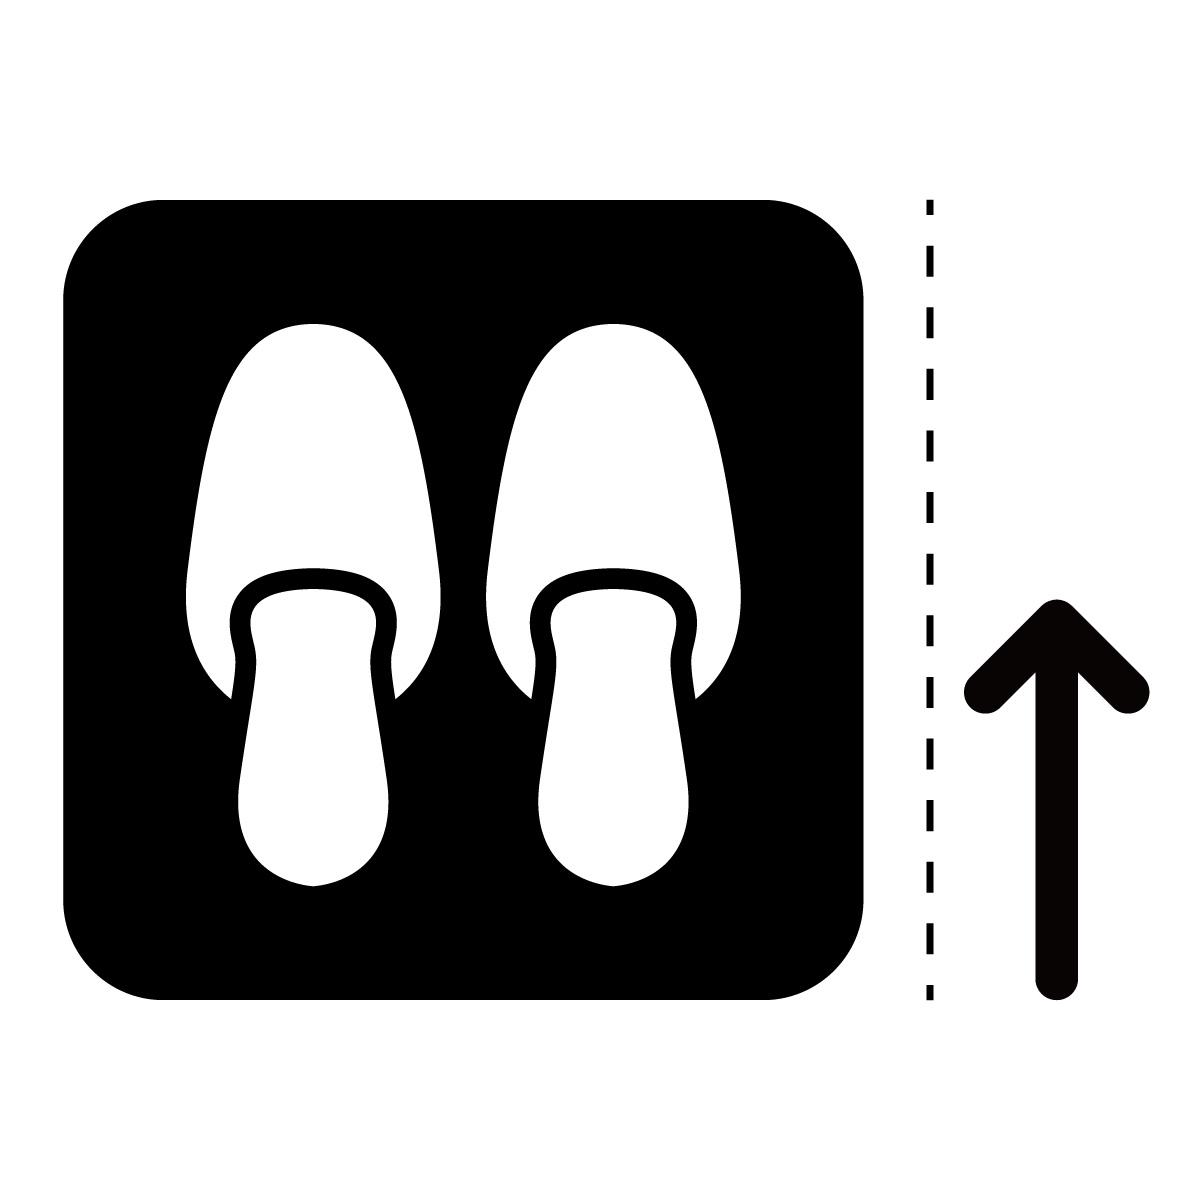 黒色のスリッパ・内履き案内マーク(矢印付き)のカッティングステッカー光沢タイプ・防水・耐水・屋外耐候3~4年